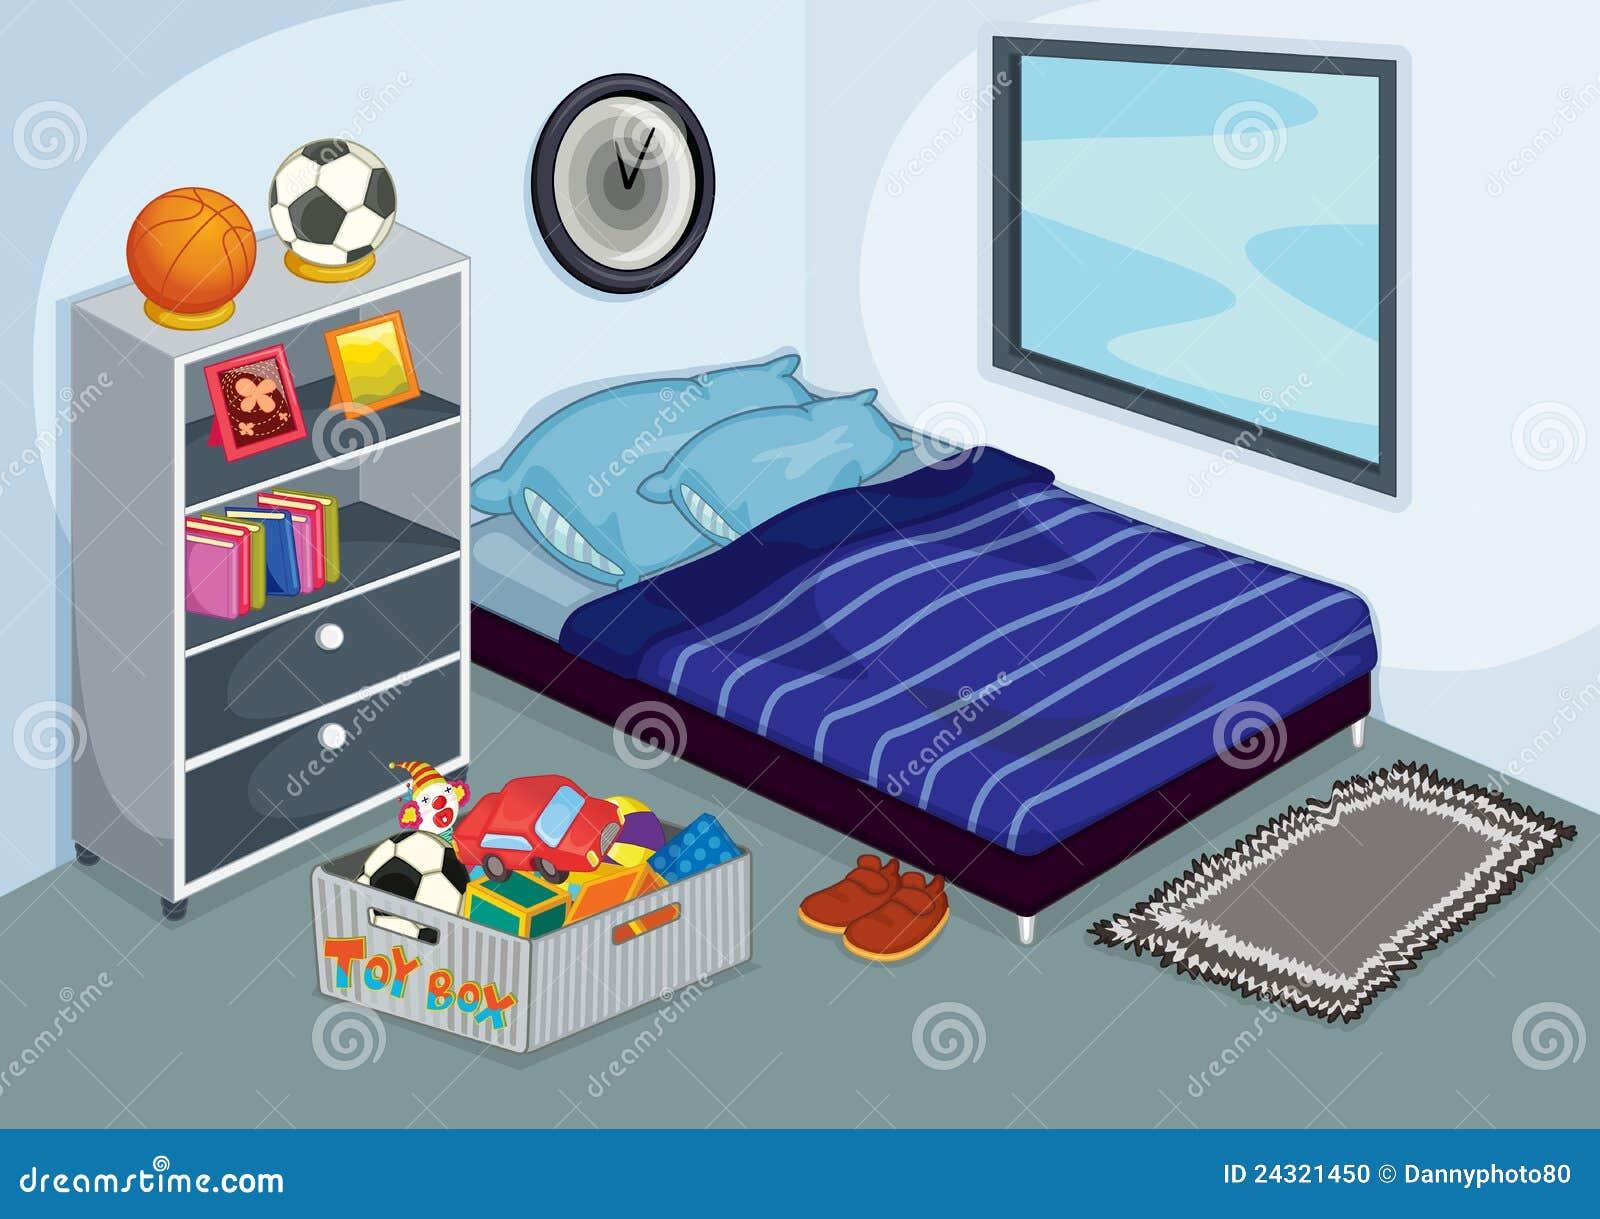 Unordentliches Schlafzimmer Vektor Abbildung - Illustration von ...